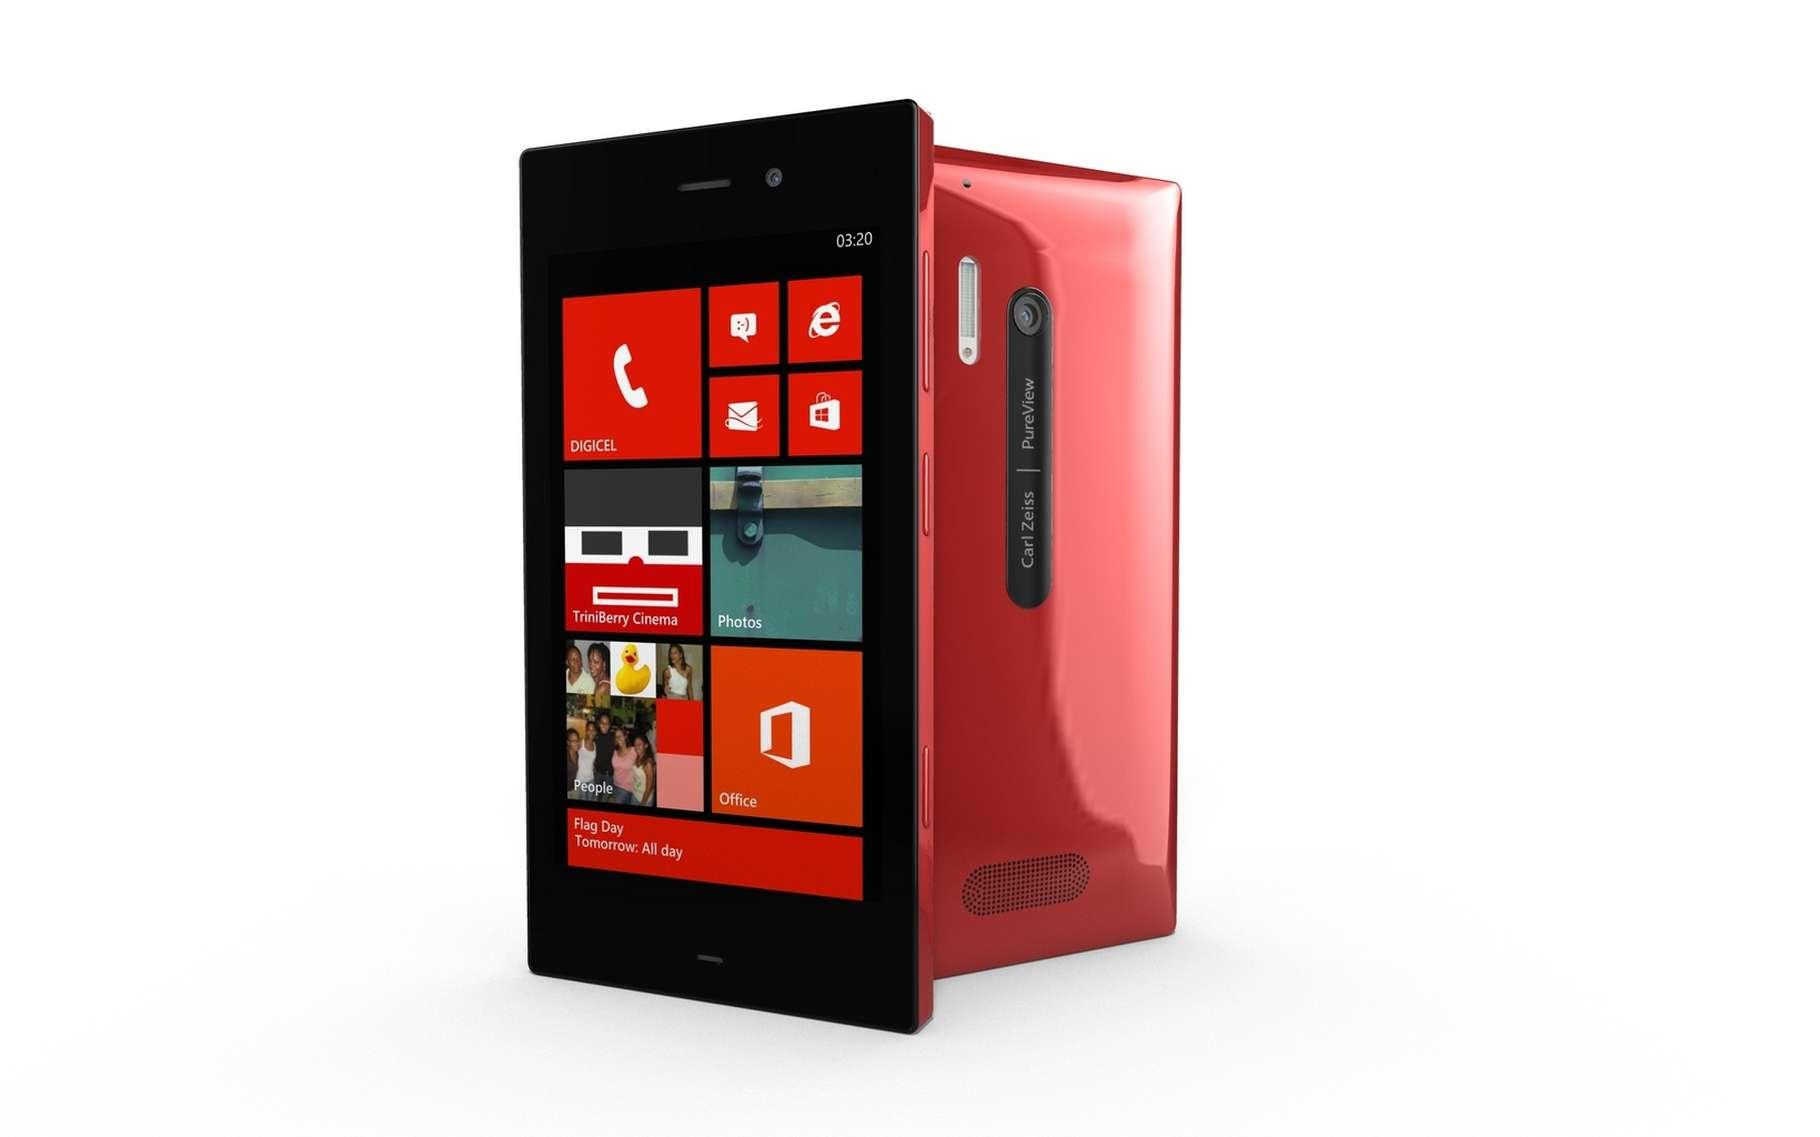 Avec Windows Phone, Microsoft a pris le contrepied d'Android et d'iOS en remplaçant les icônes des applications par des tuiles dynamiques. © Pieter Beens, Shutterstock